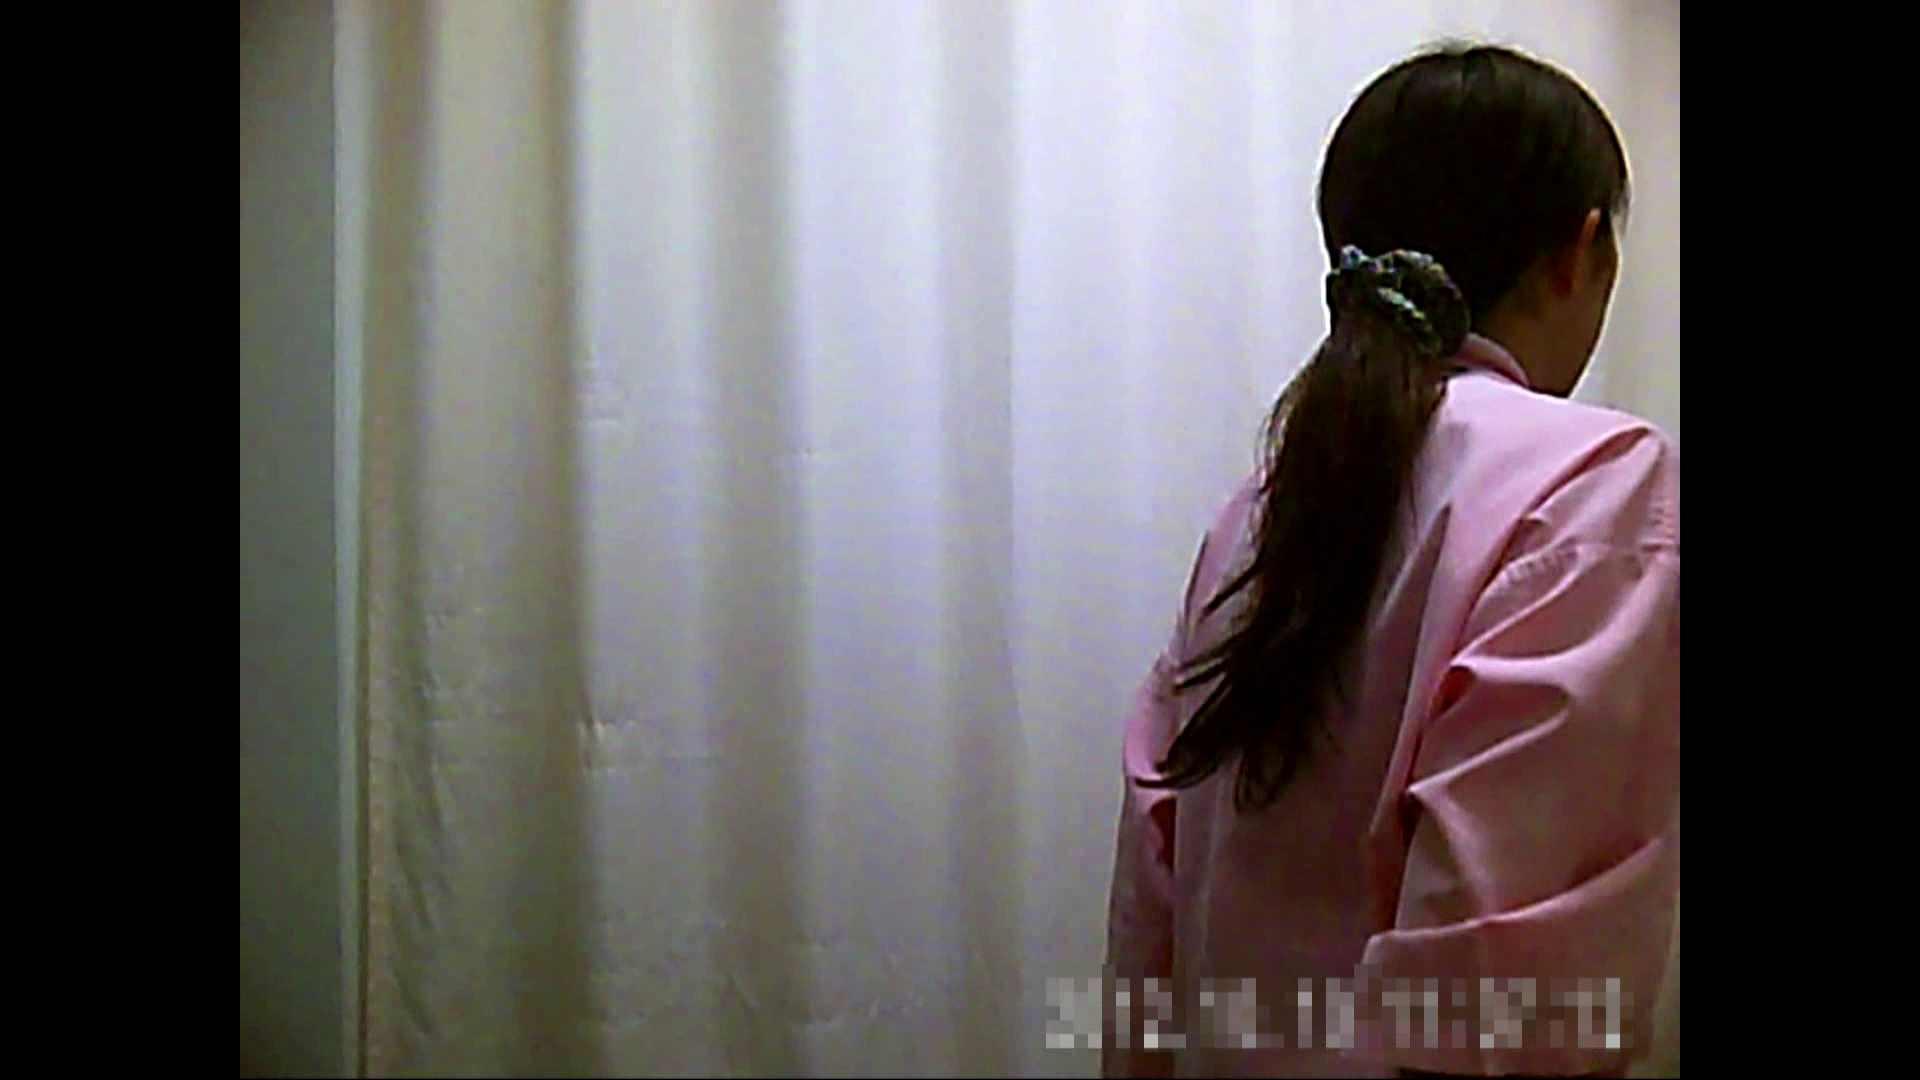 元医者による反抗 更衣室地獄絵巻 vol.064 お姉さん  53PIX 8